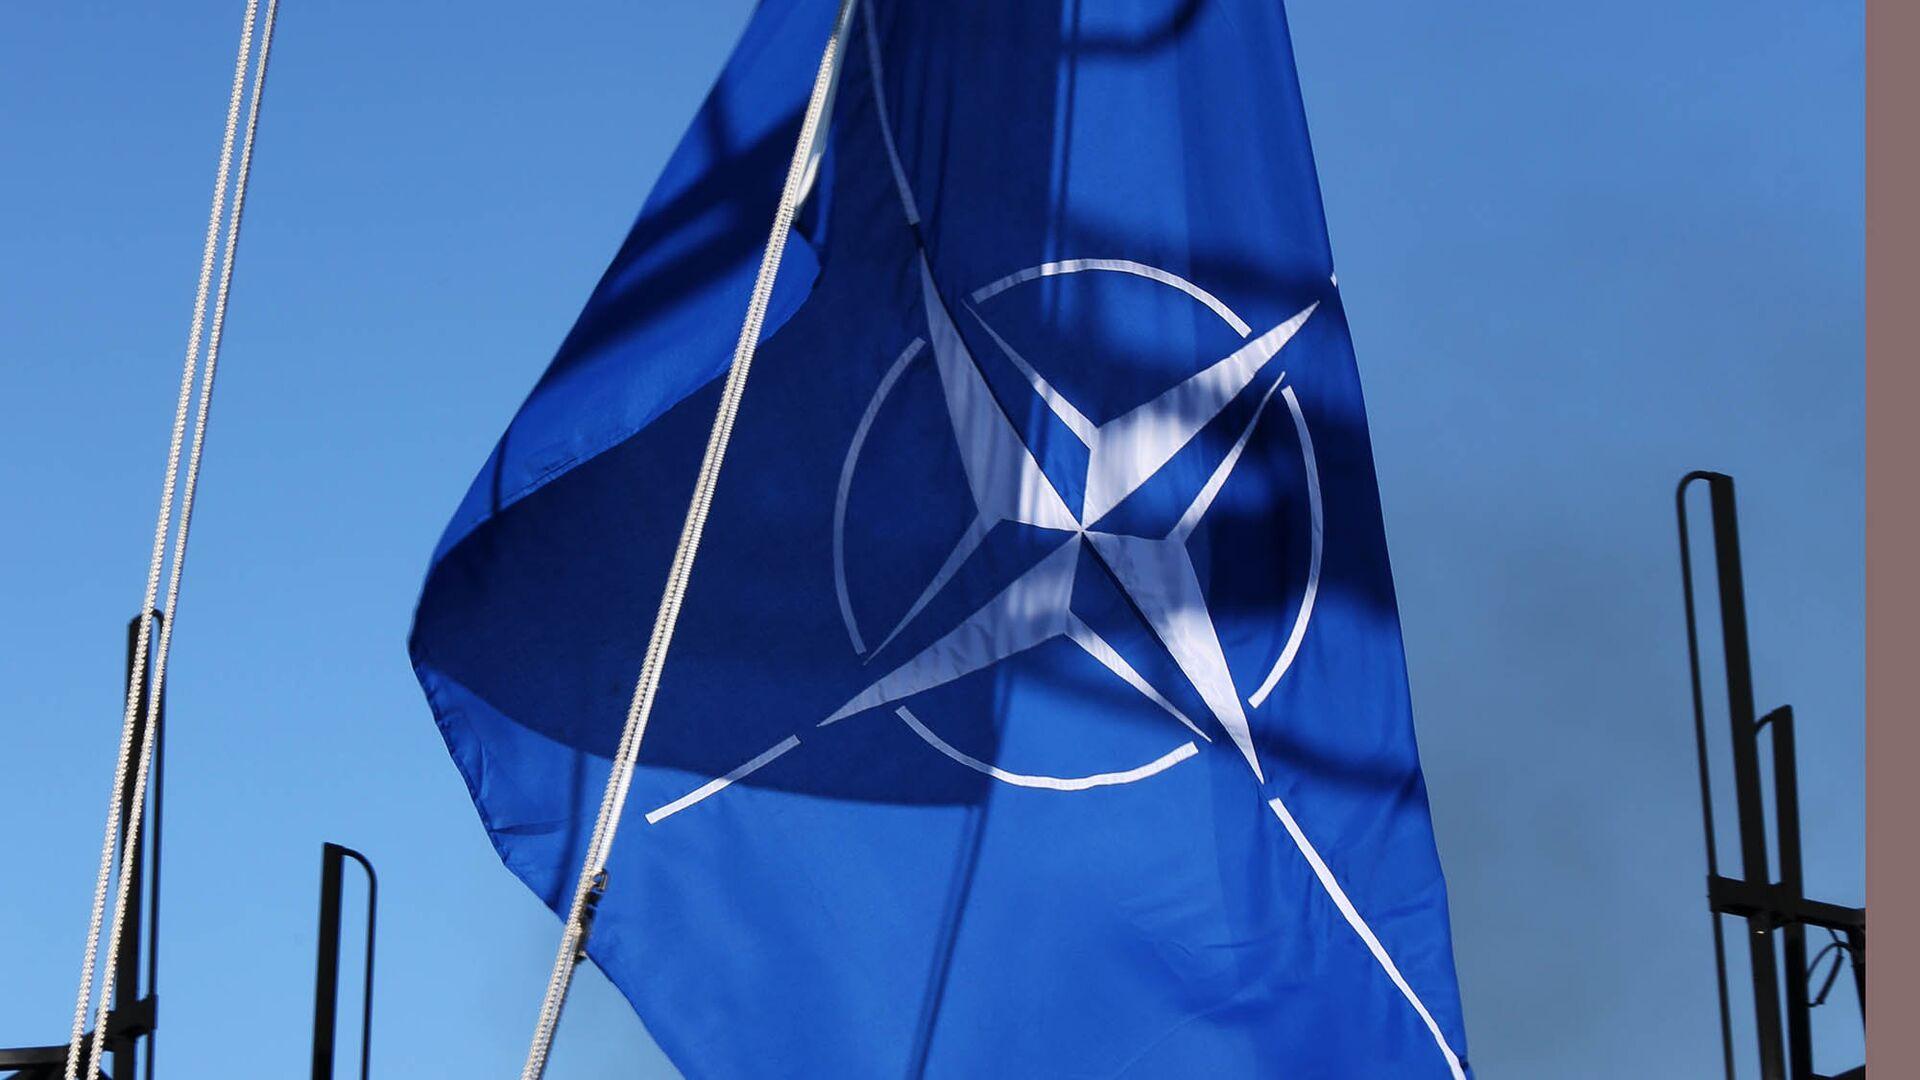 НАТО застава - Sputnik Србија, 1920, 12.08.2021